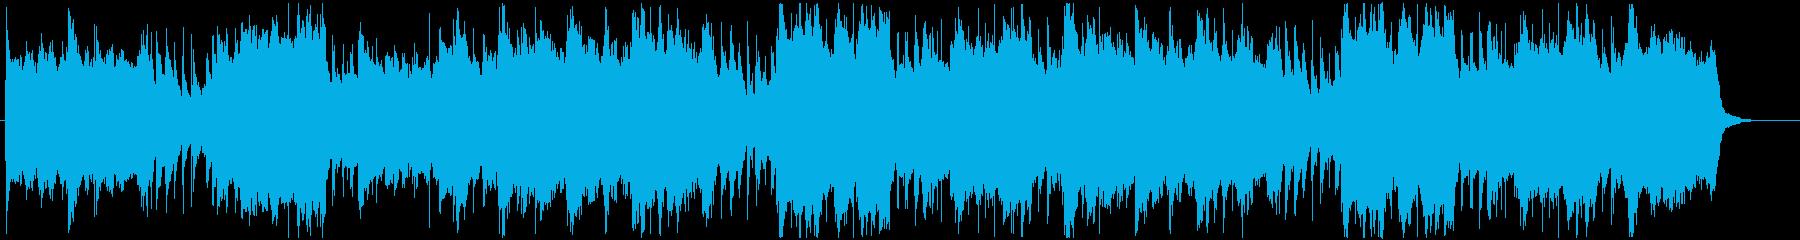 ハープ、マンドリン、ピアノのアクセ...の再生済みの波形